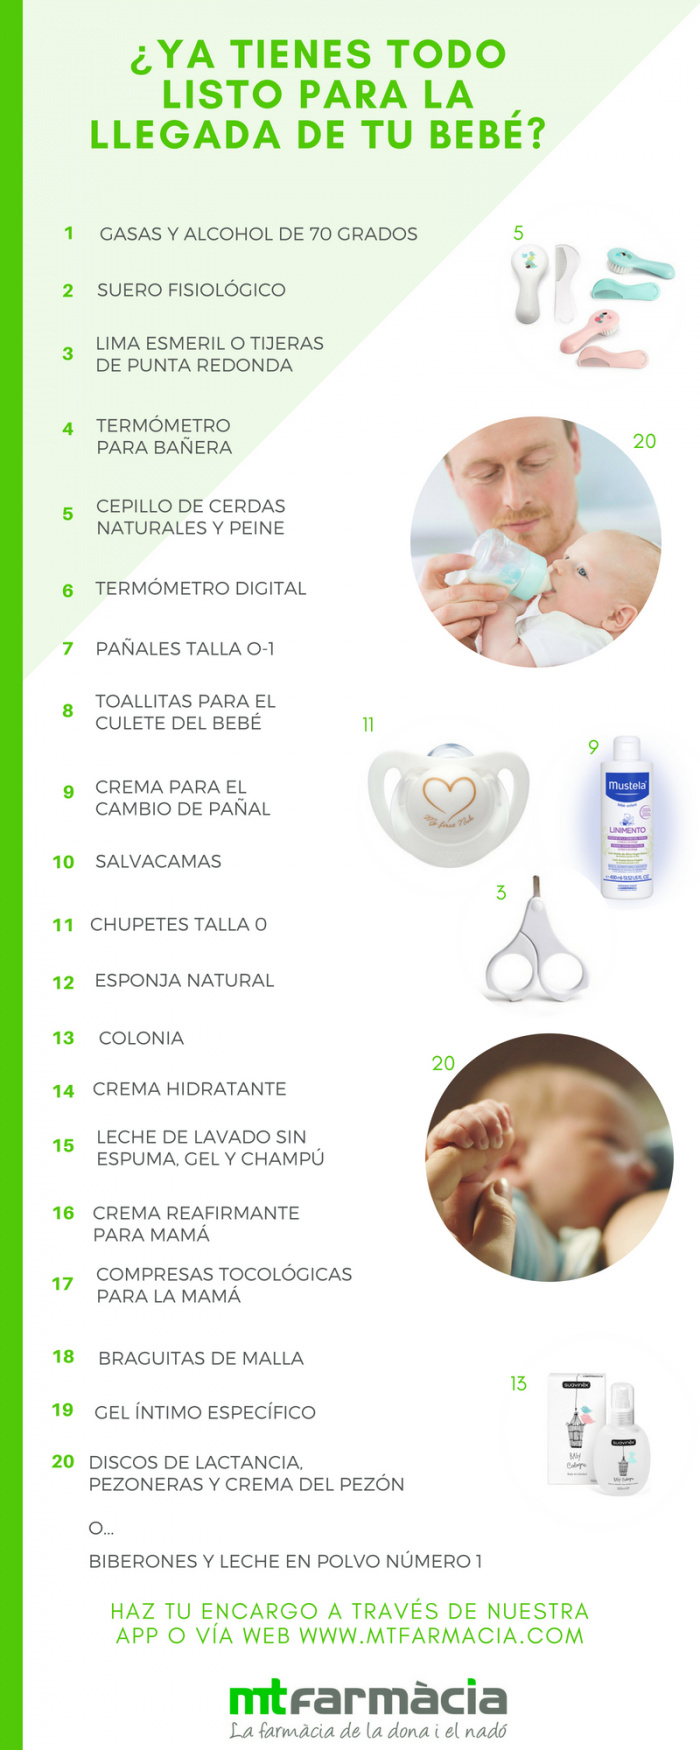 Lista De Cosas Para Bebes Recien Nacidos.La Lista De Lo Que Necesitas Para La Llegada Del Bebe